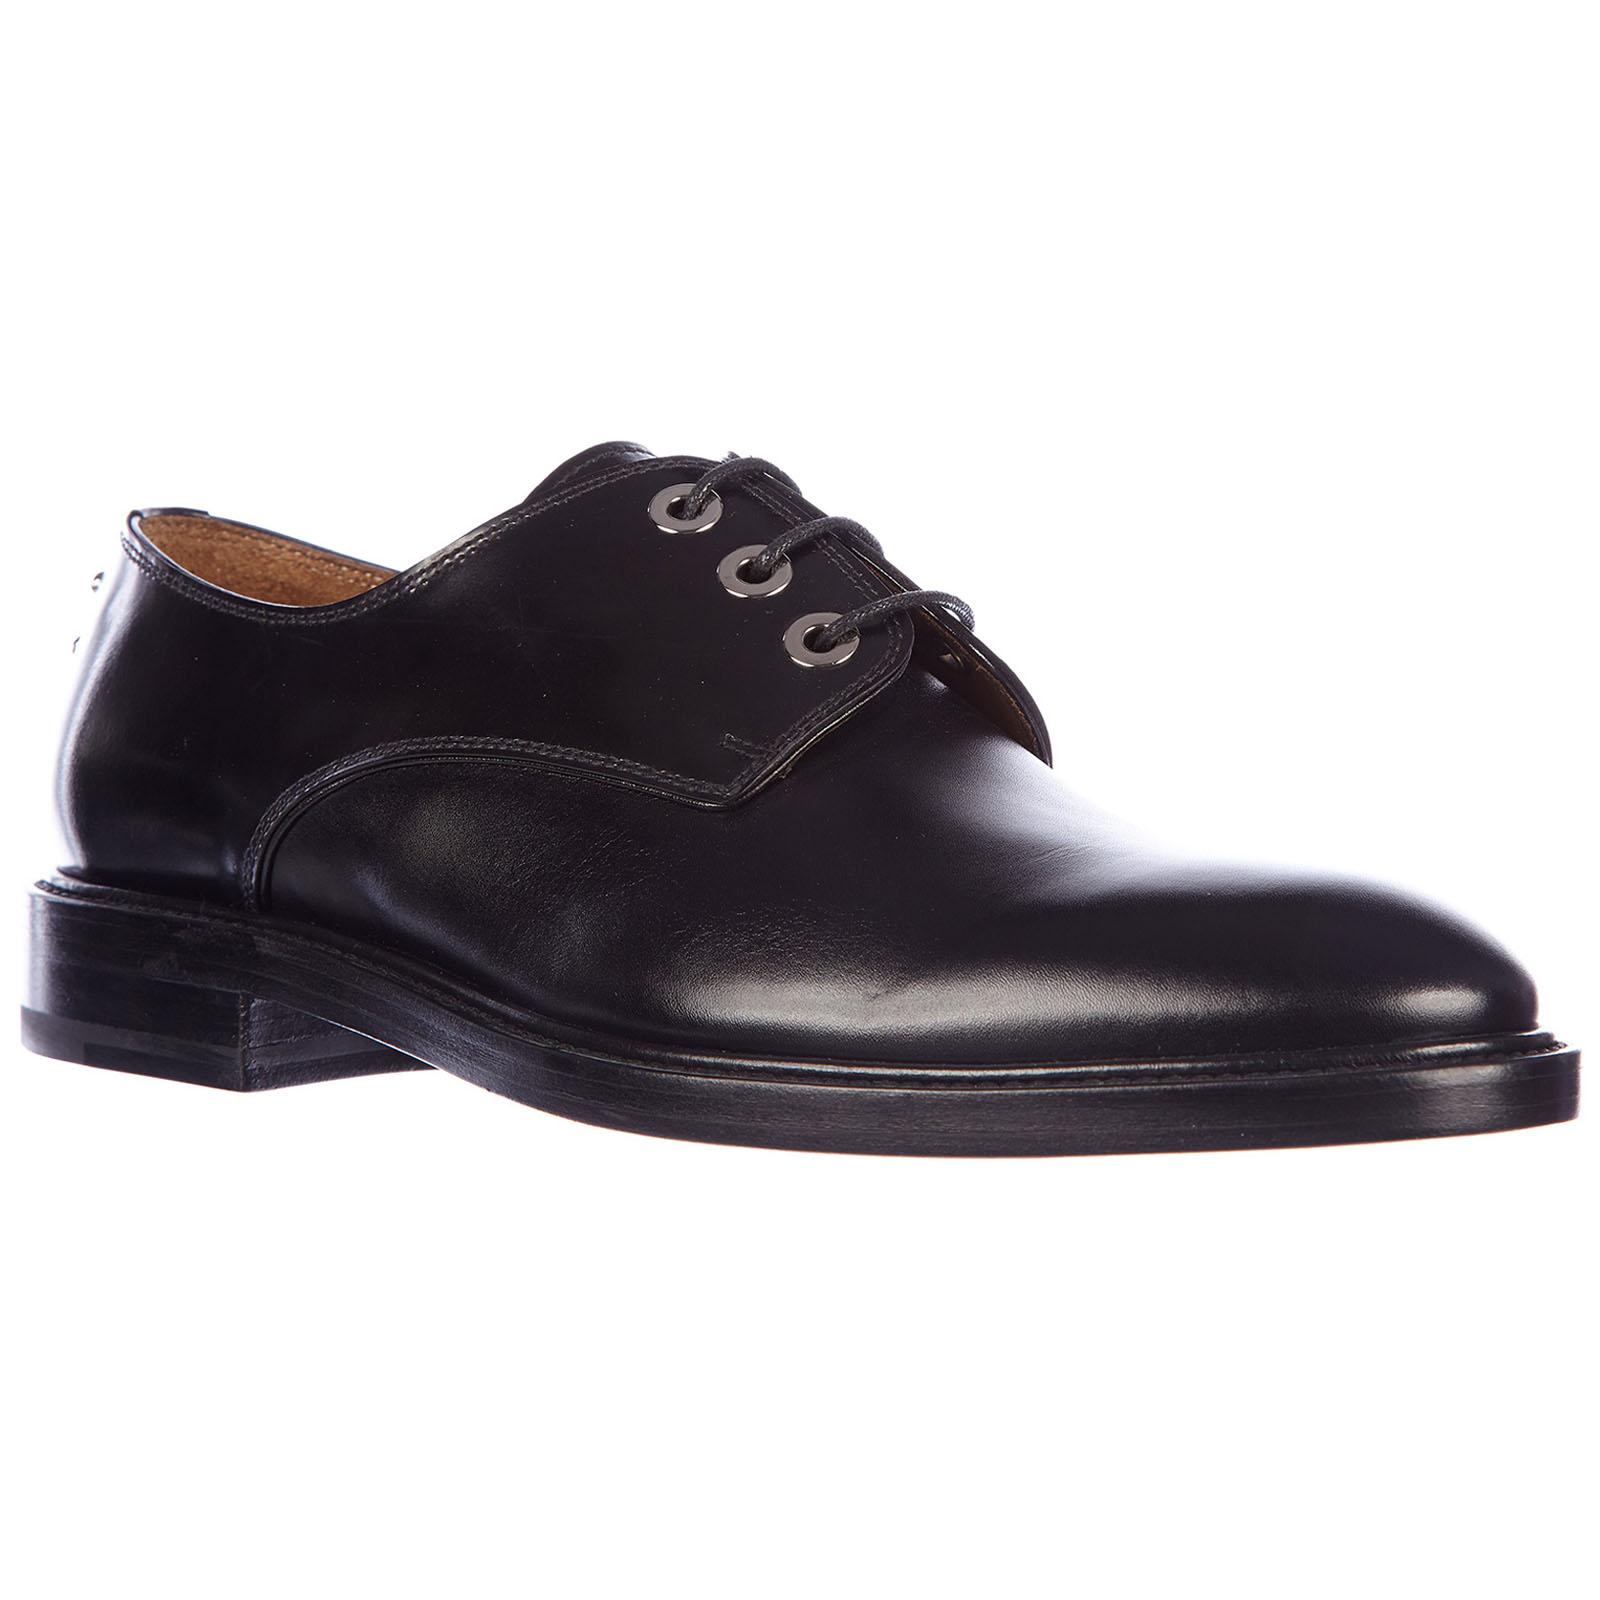 Chaussures à lacets classiques homme en cuir derby nino